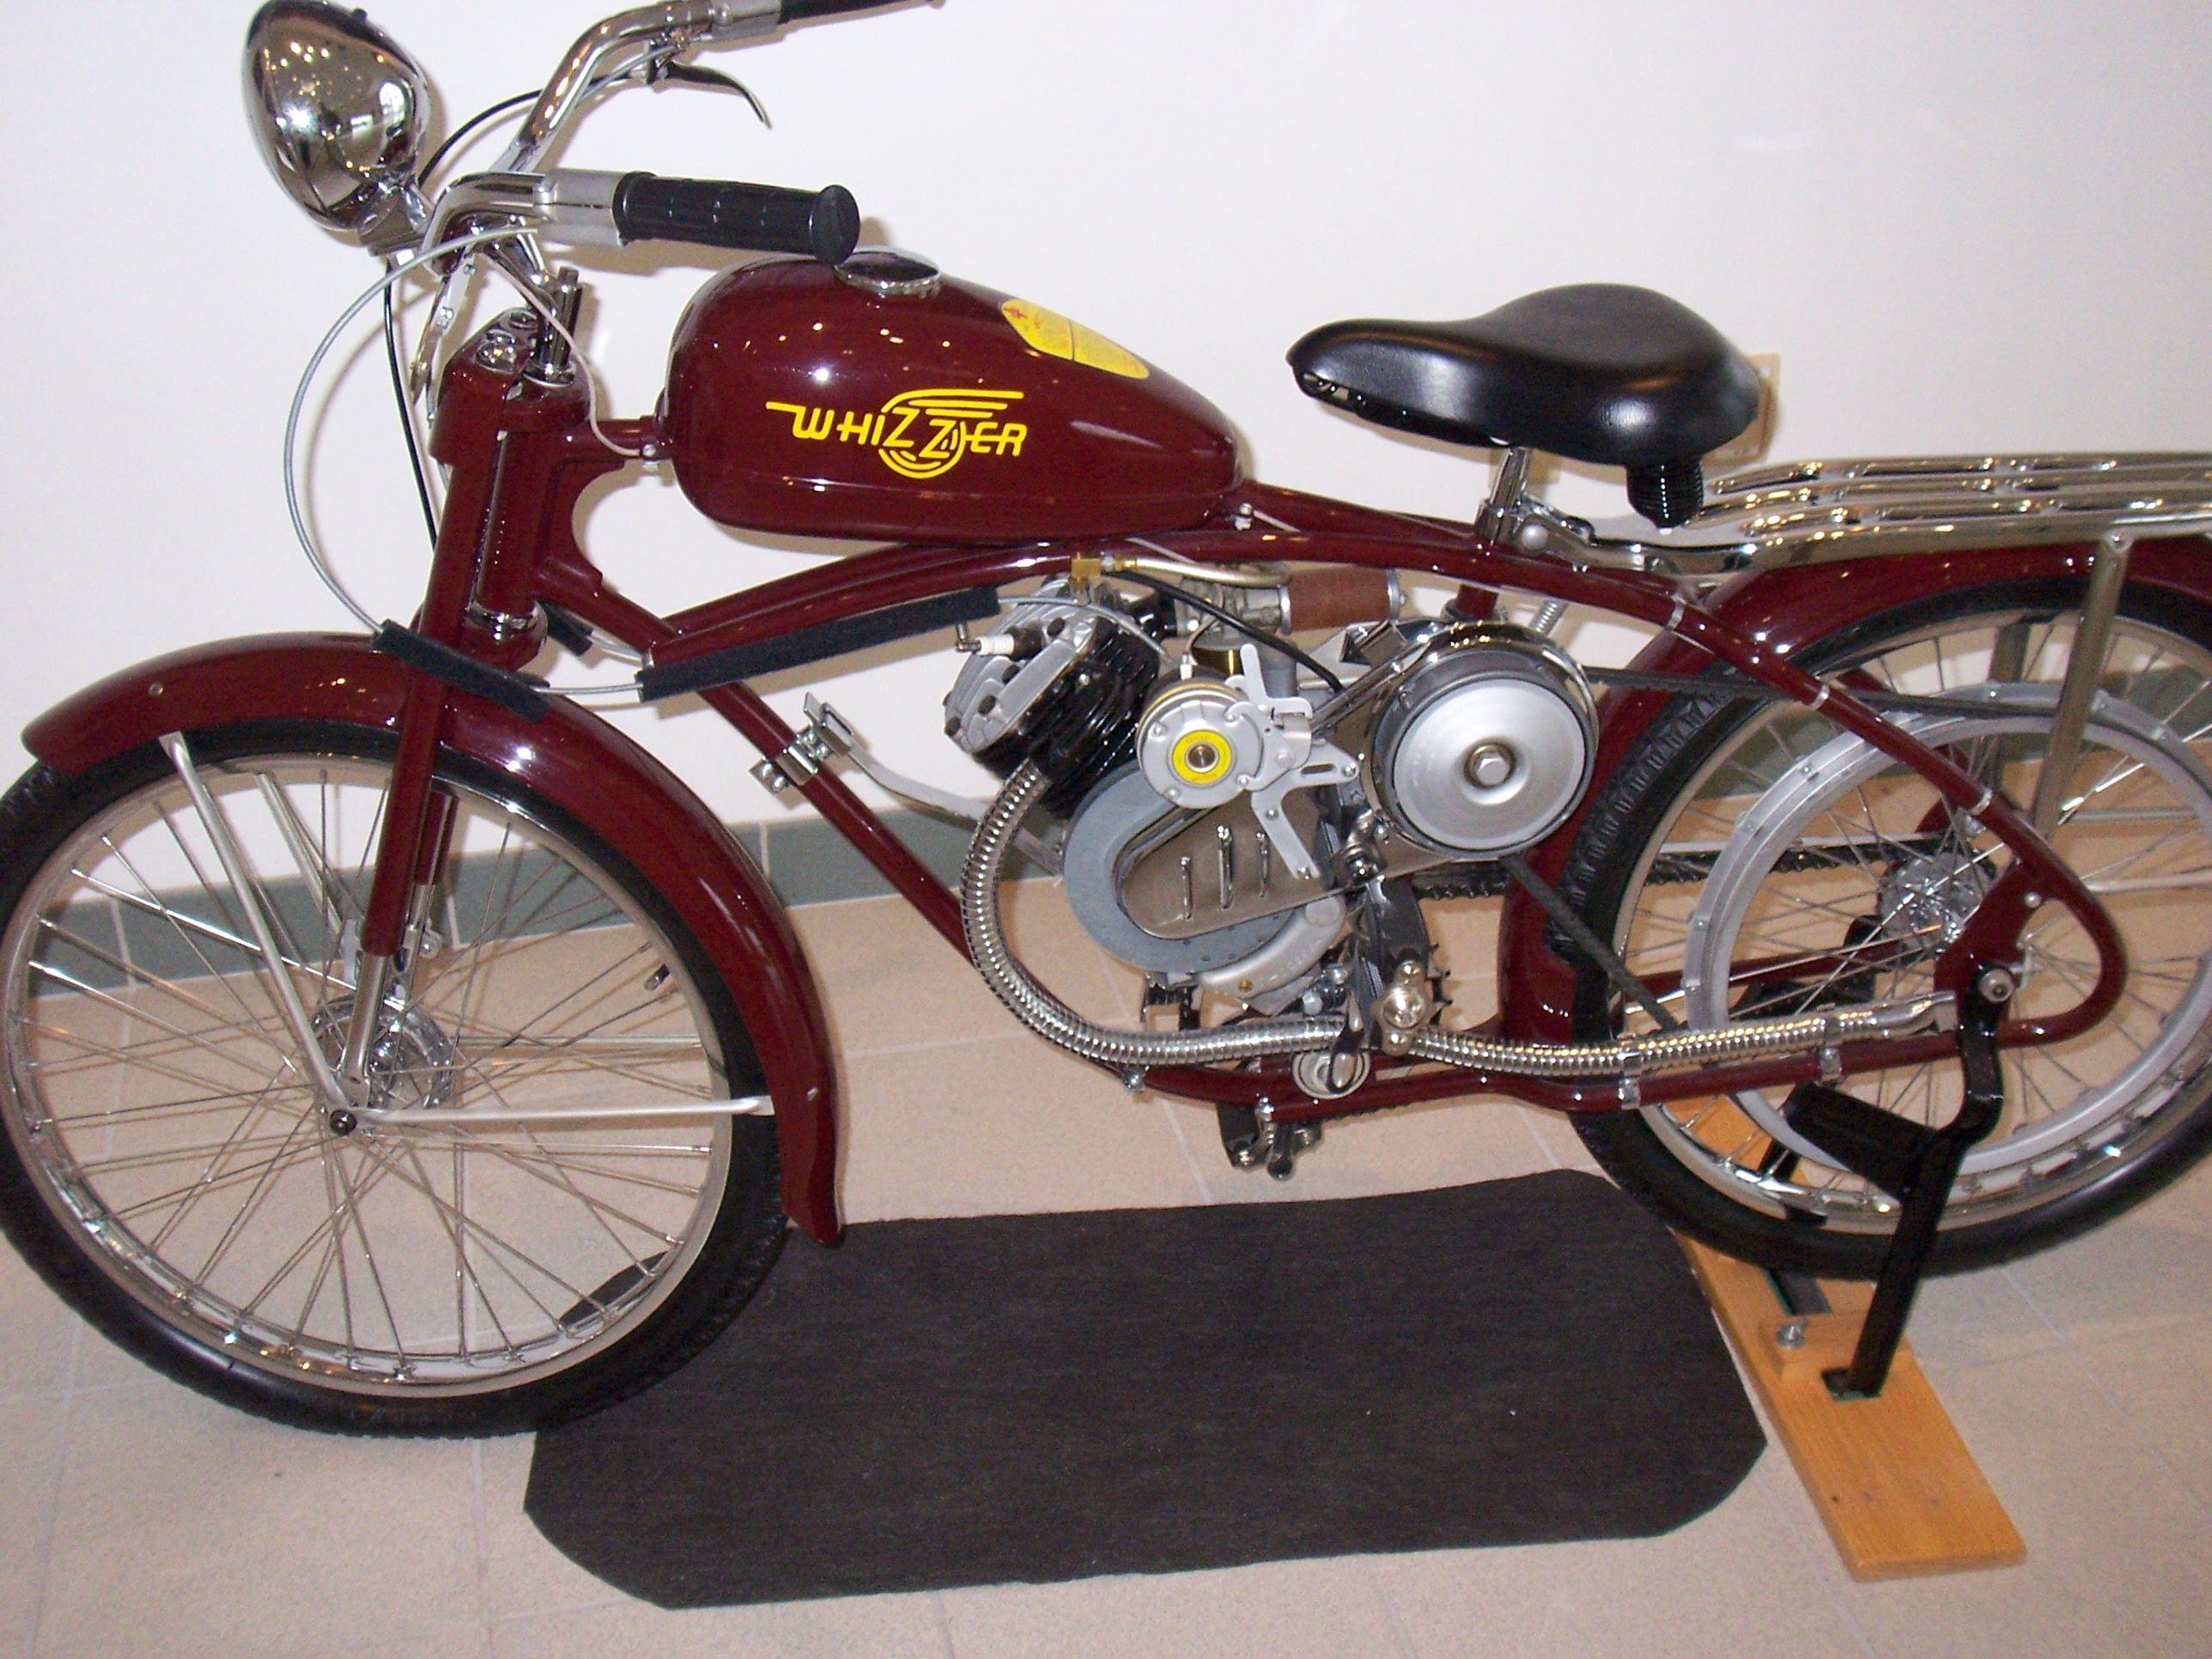 73 2007 Whizzer Parts For Motorbikes Schwinn Wiring Diagram Vintage Motor Bike The